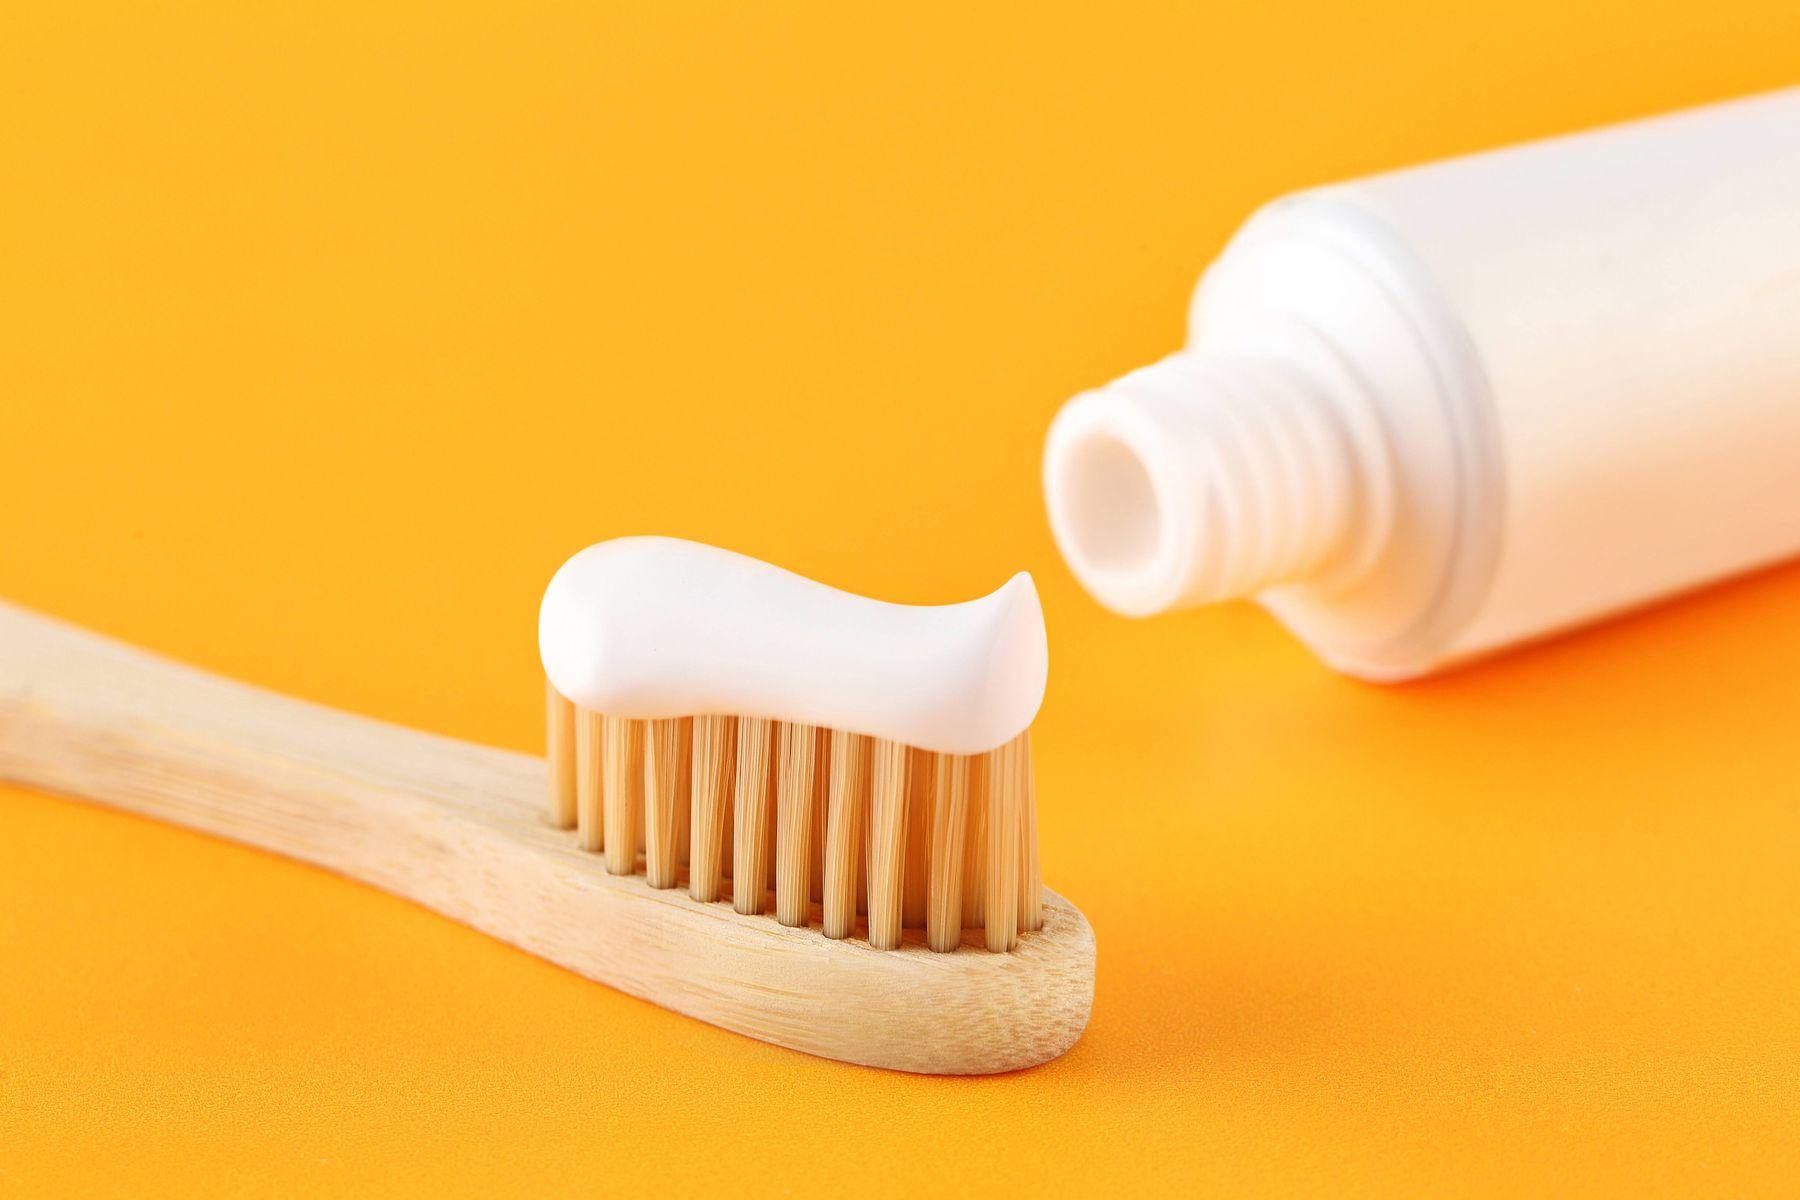 cepillo de dientes con pasta de dientes